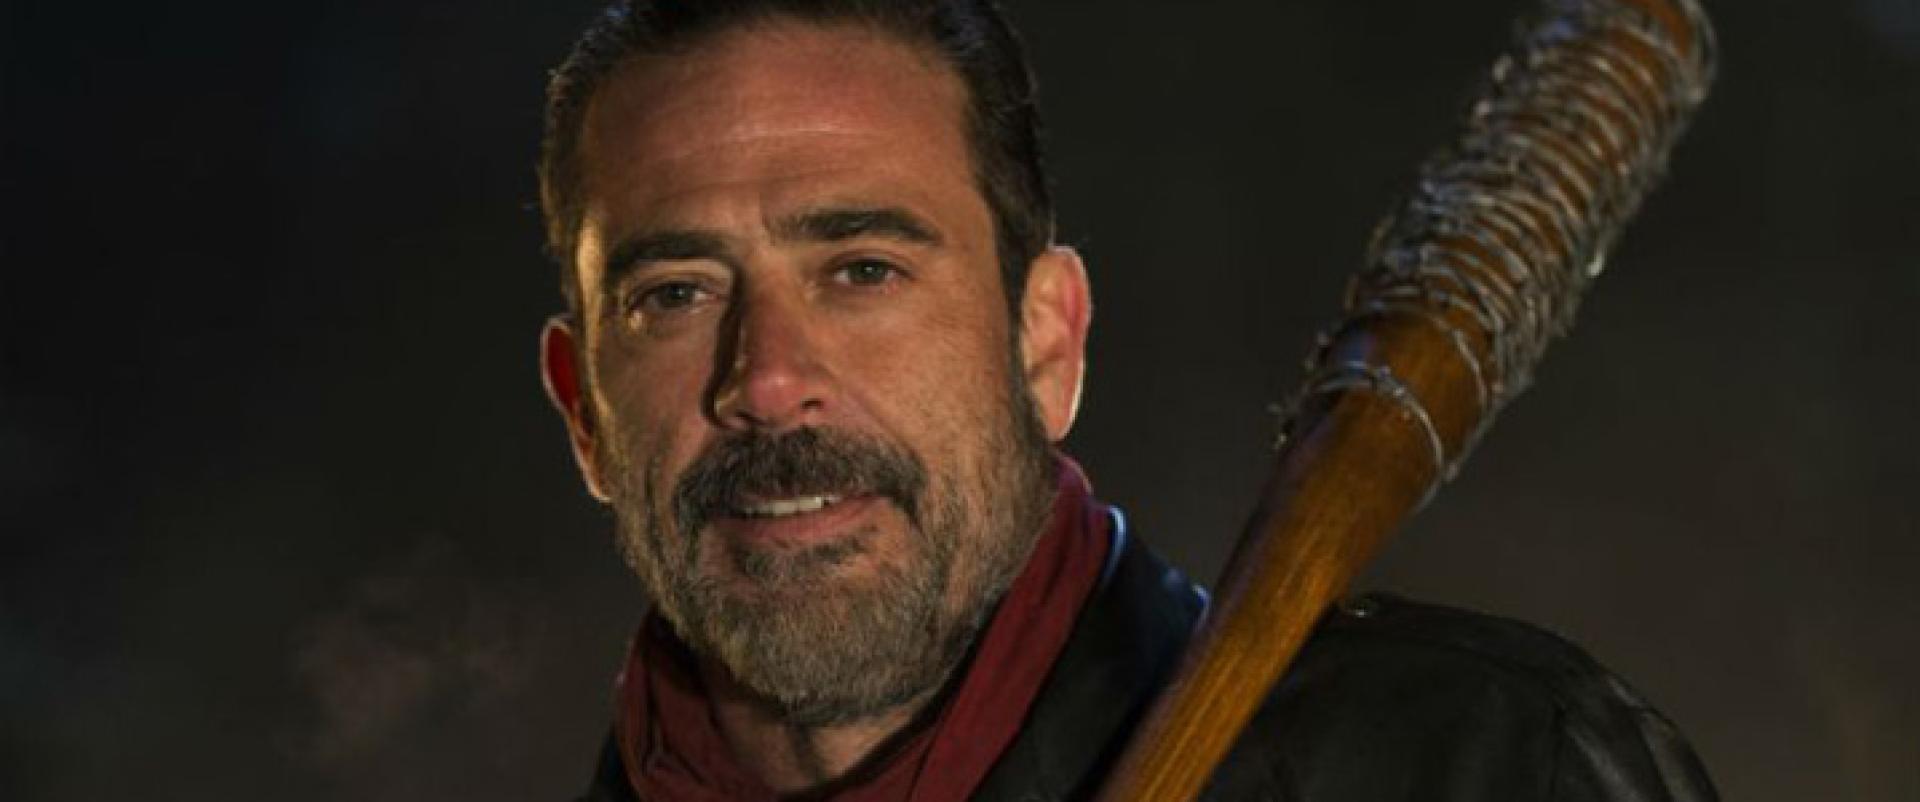 The Walking Dead, 7. évad: újabb képek